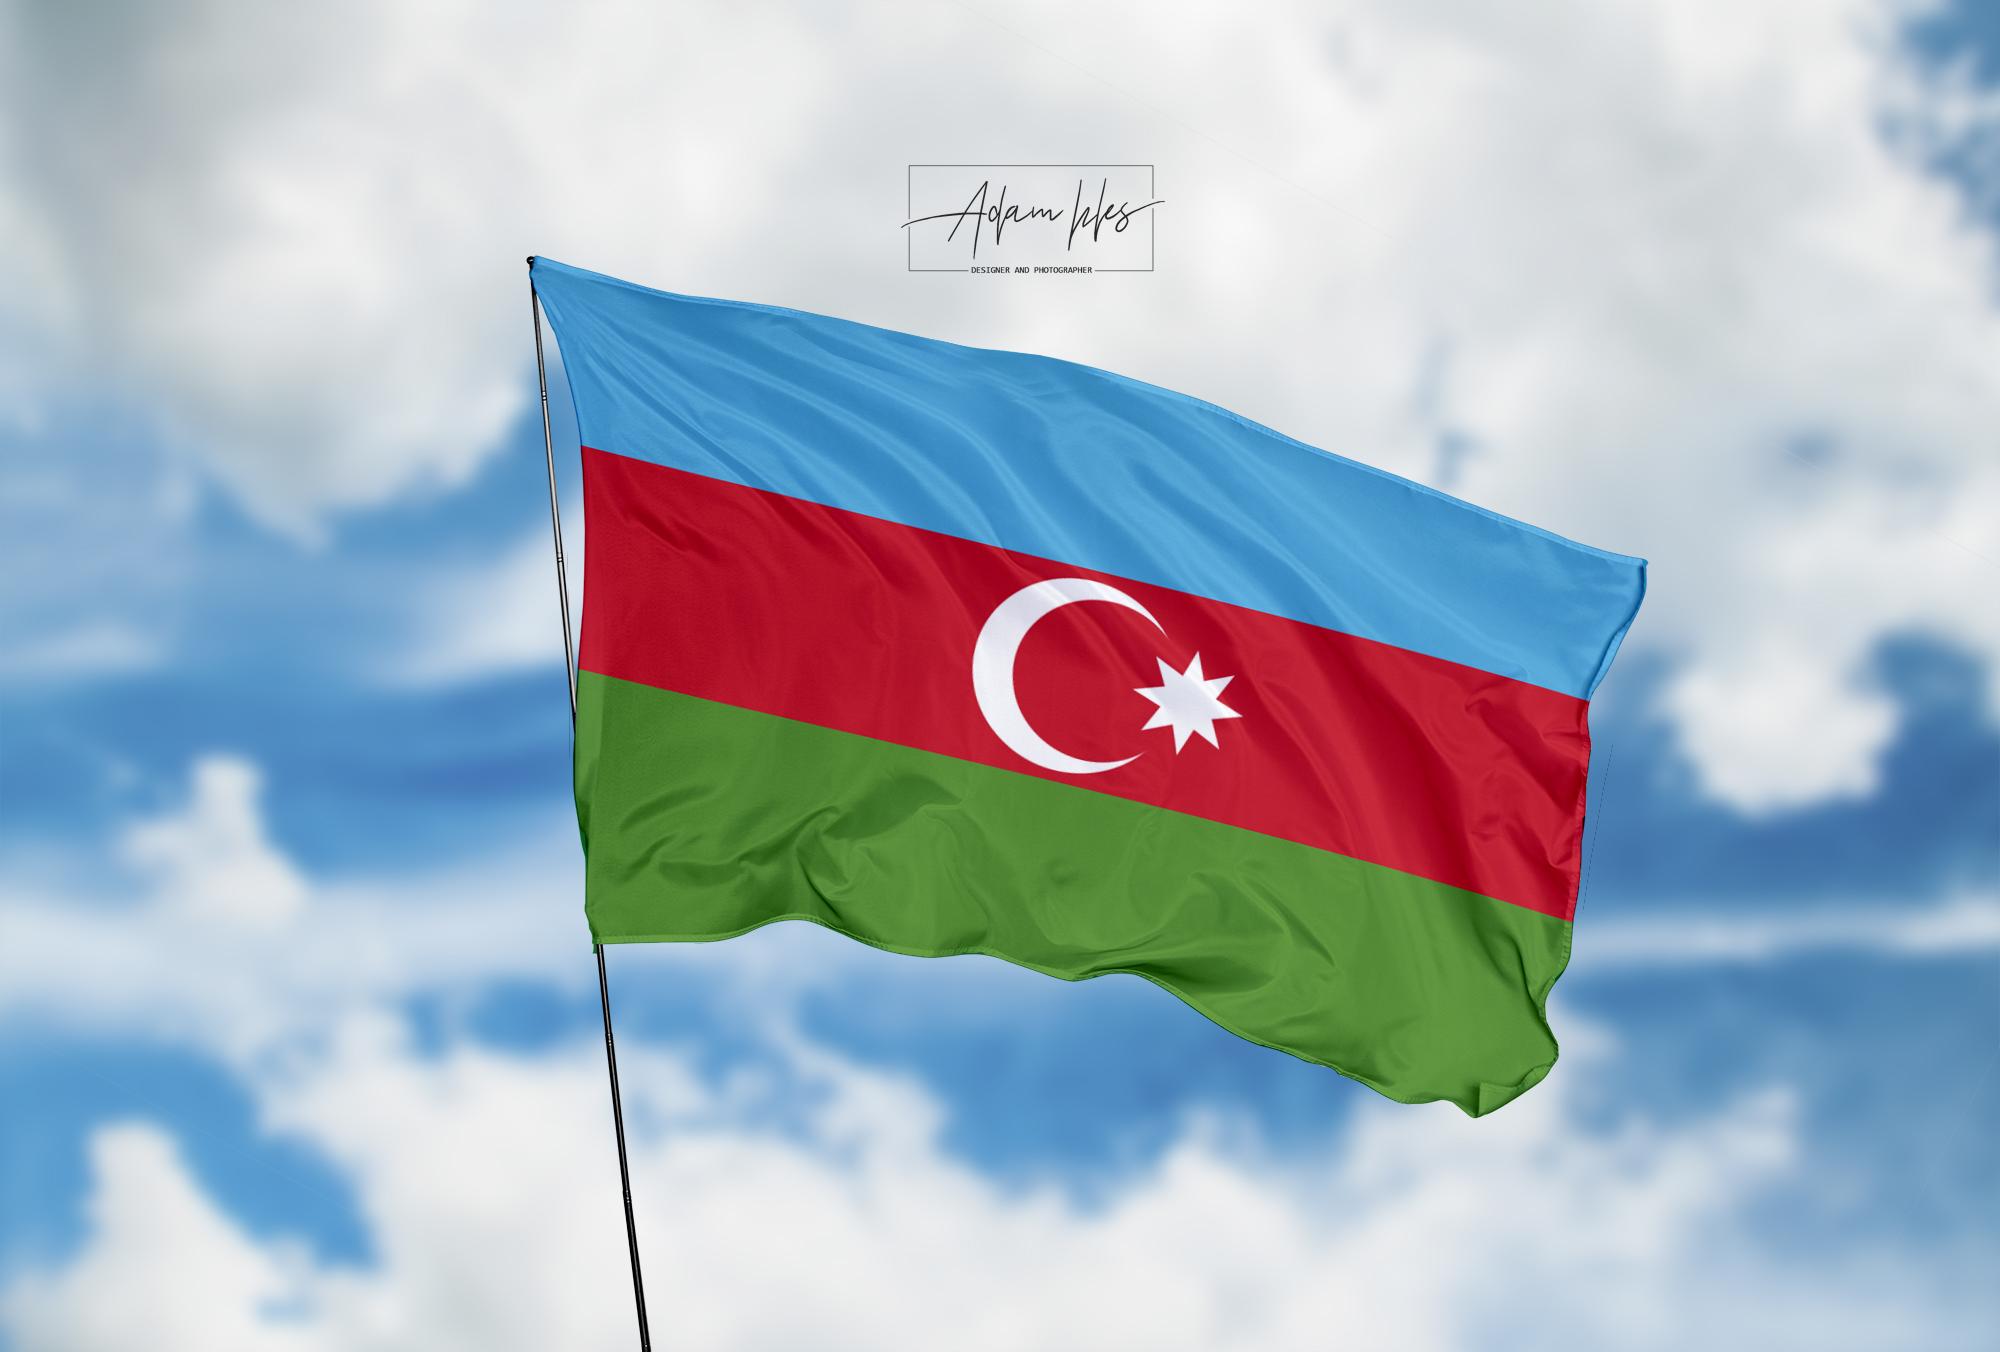 تحميل اجمل خلفية علم اذربيجان يرفرف في السماء - اجمل خلفيات اذربيجان الرائعة